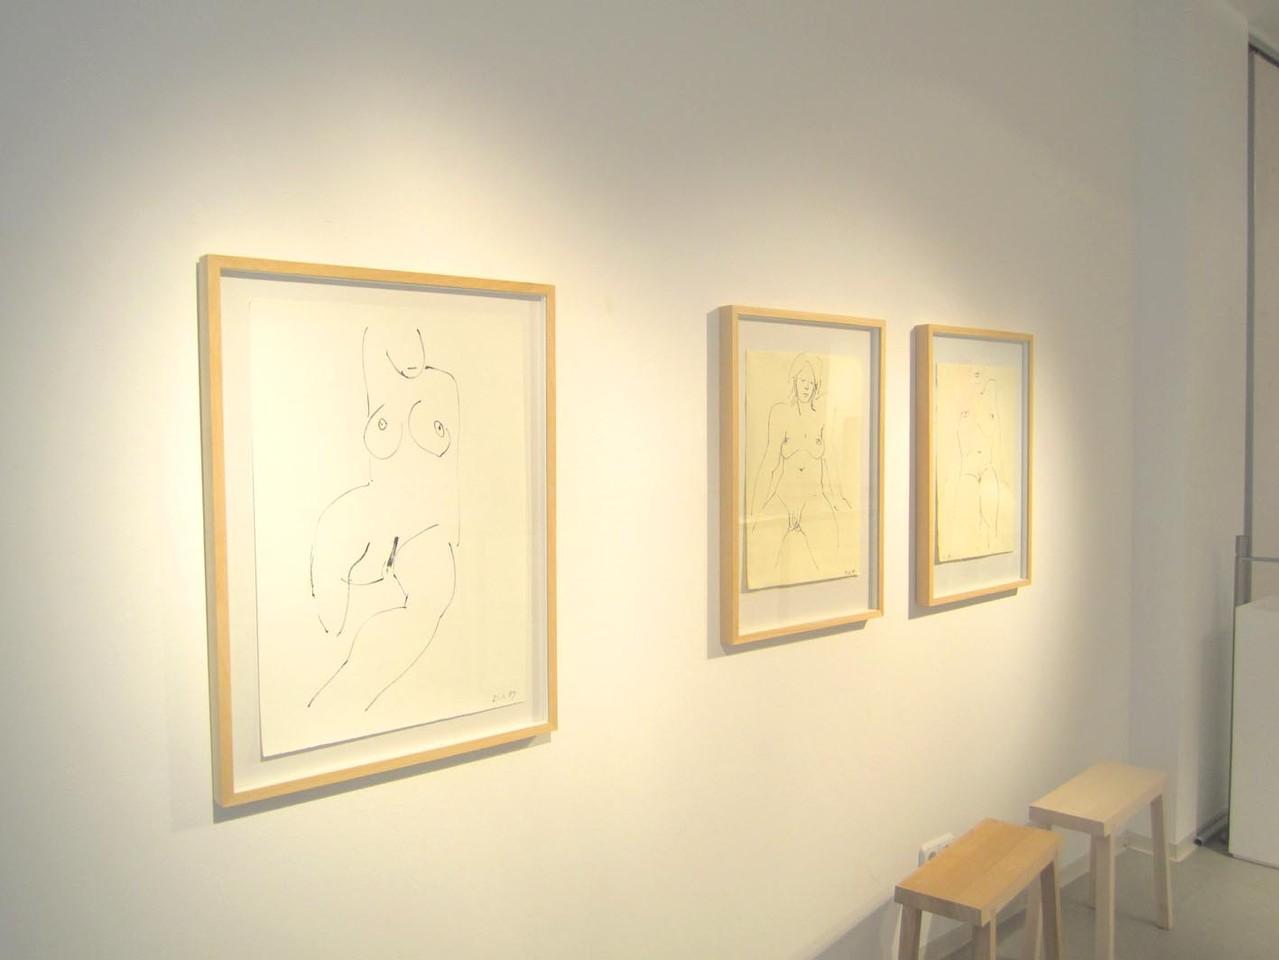 Akt-Zeichnungen, Tusche 2009